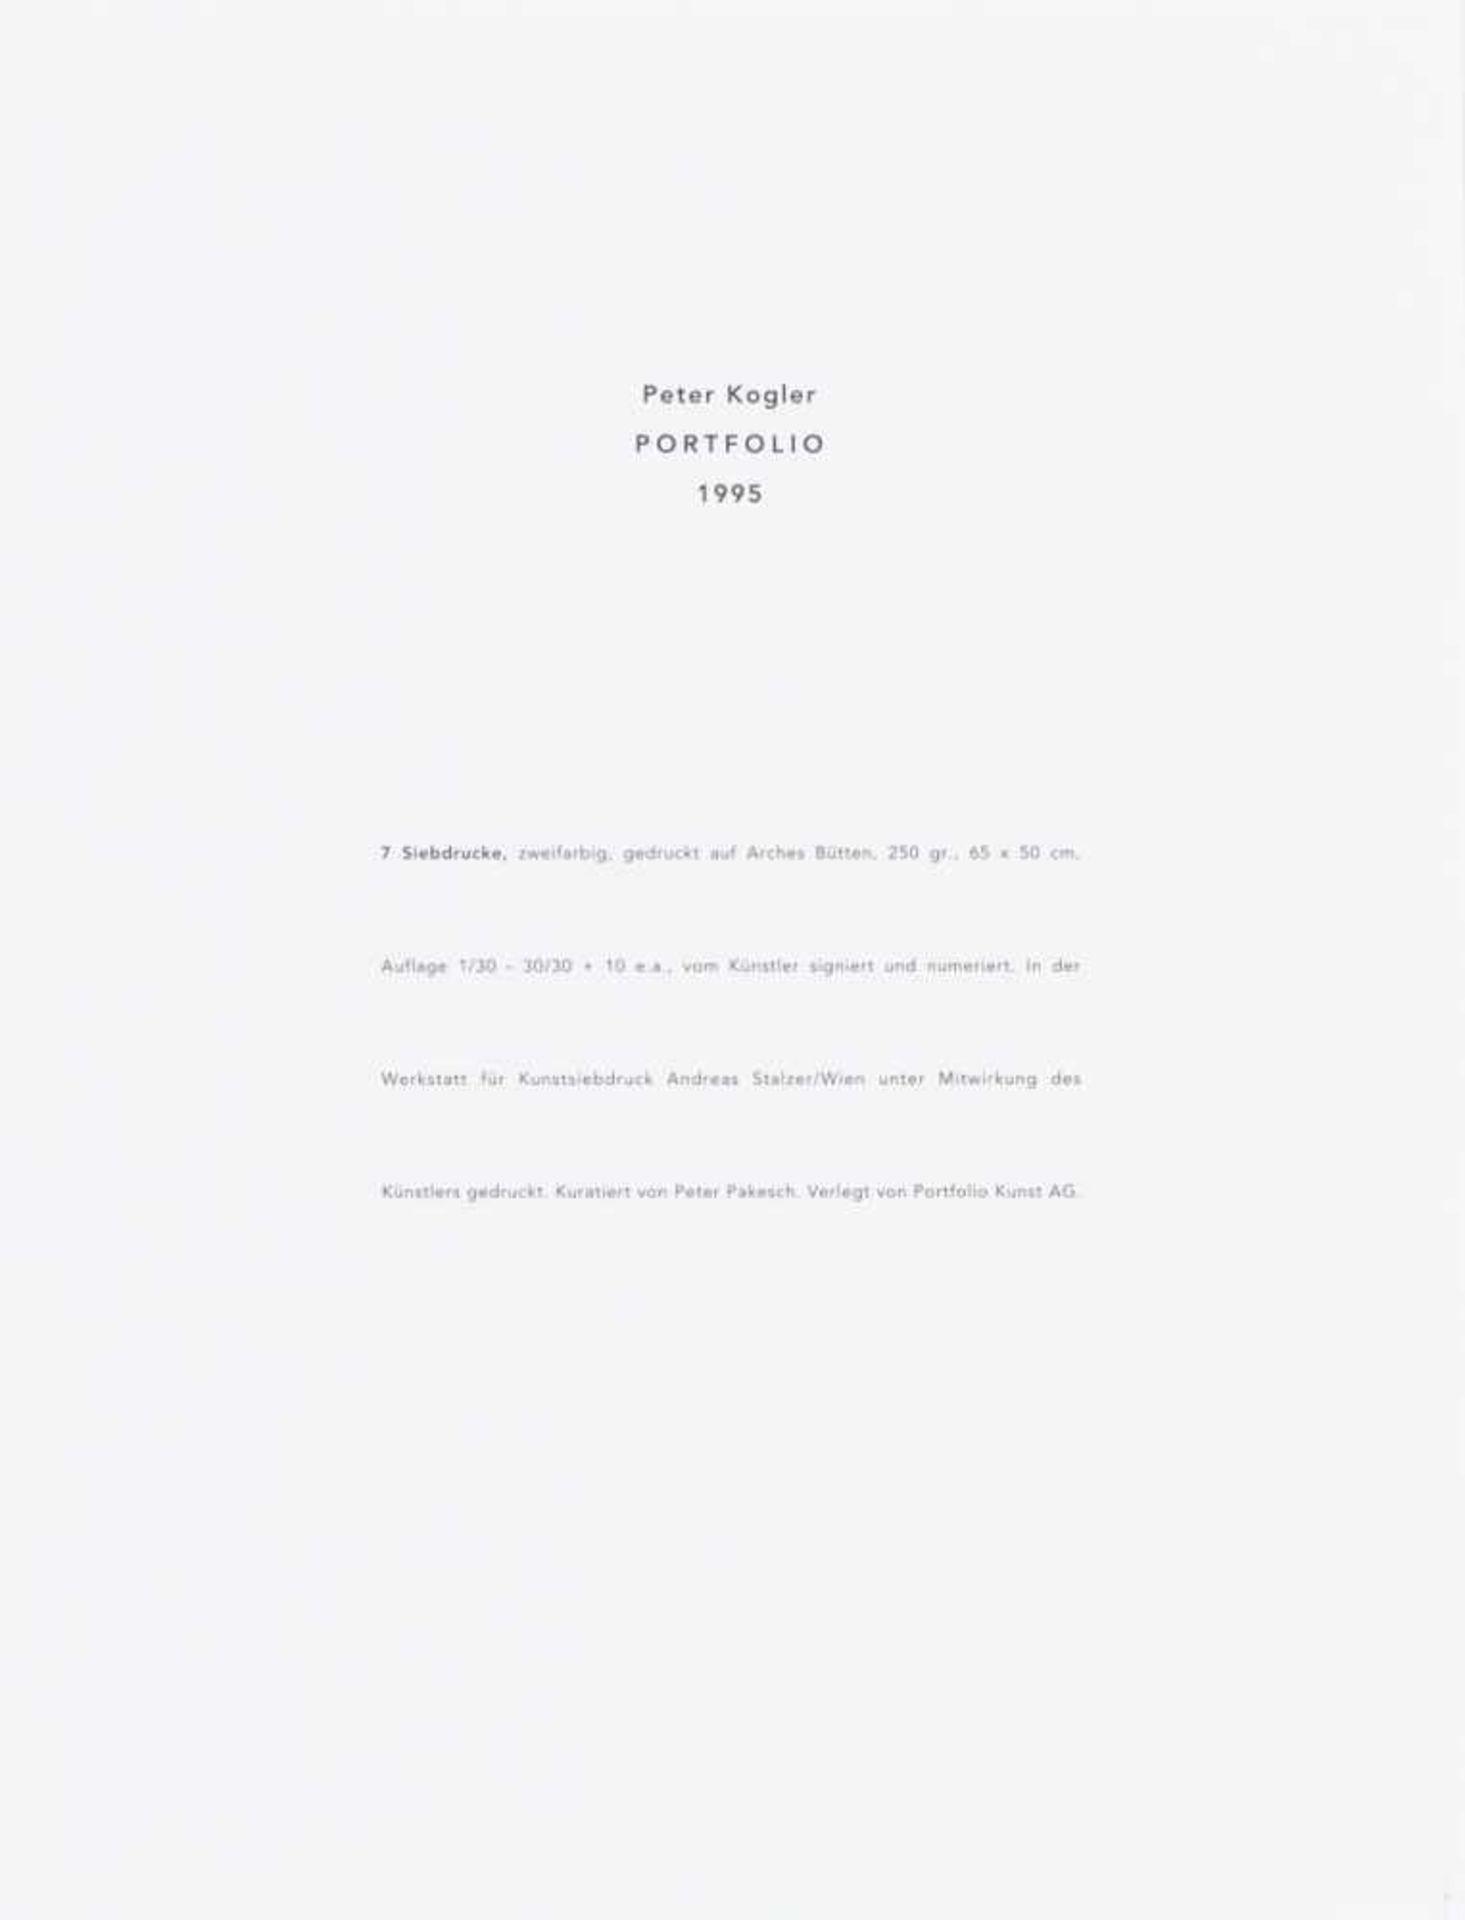 PETER KOGLER(1959 INNSBRUCK)PORTFOLIO (Ameisen), 1995Sieben zweifarbige Siebdrucke auf Arches